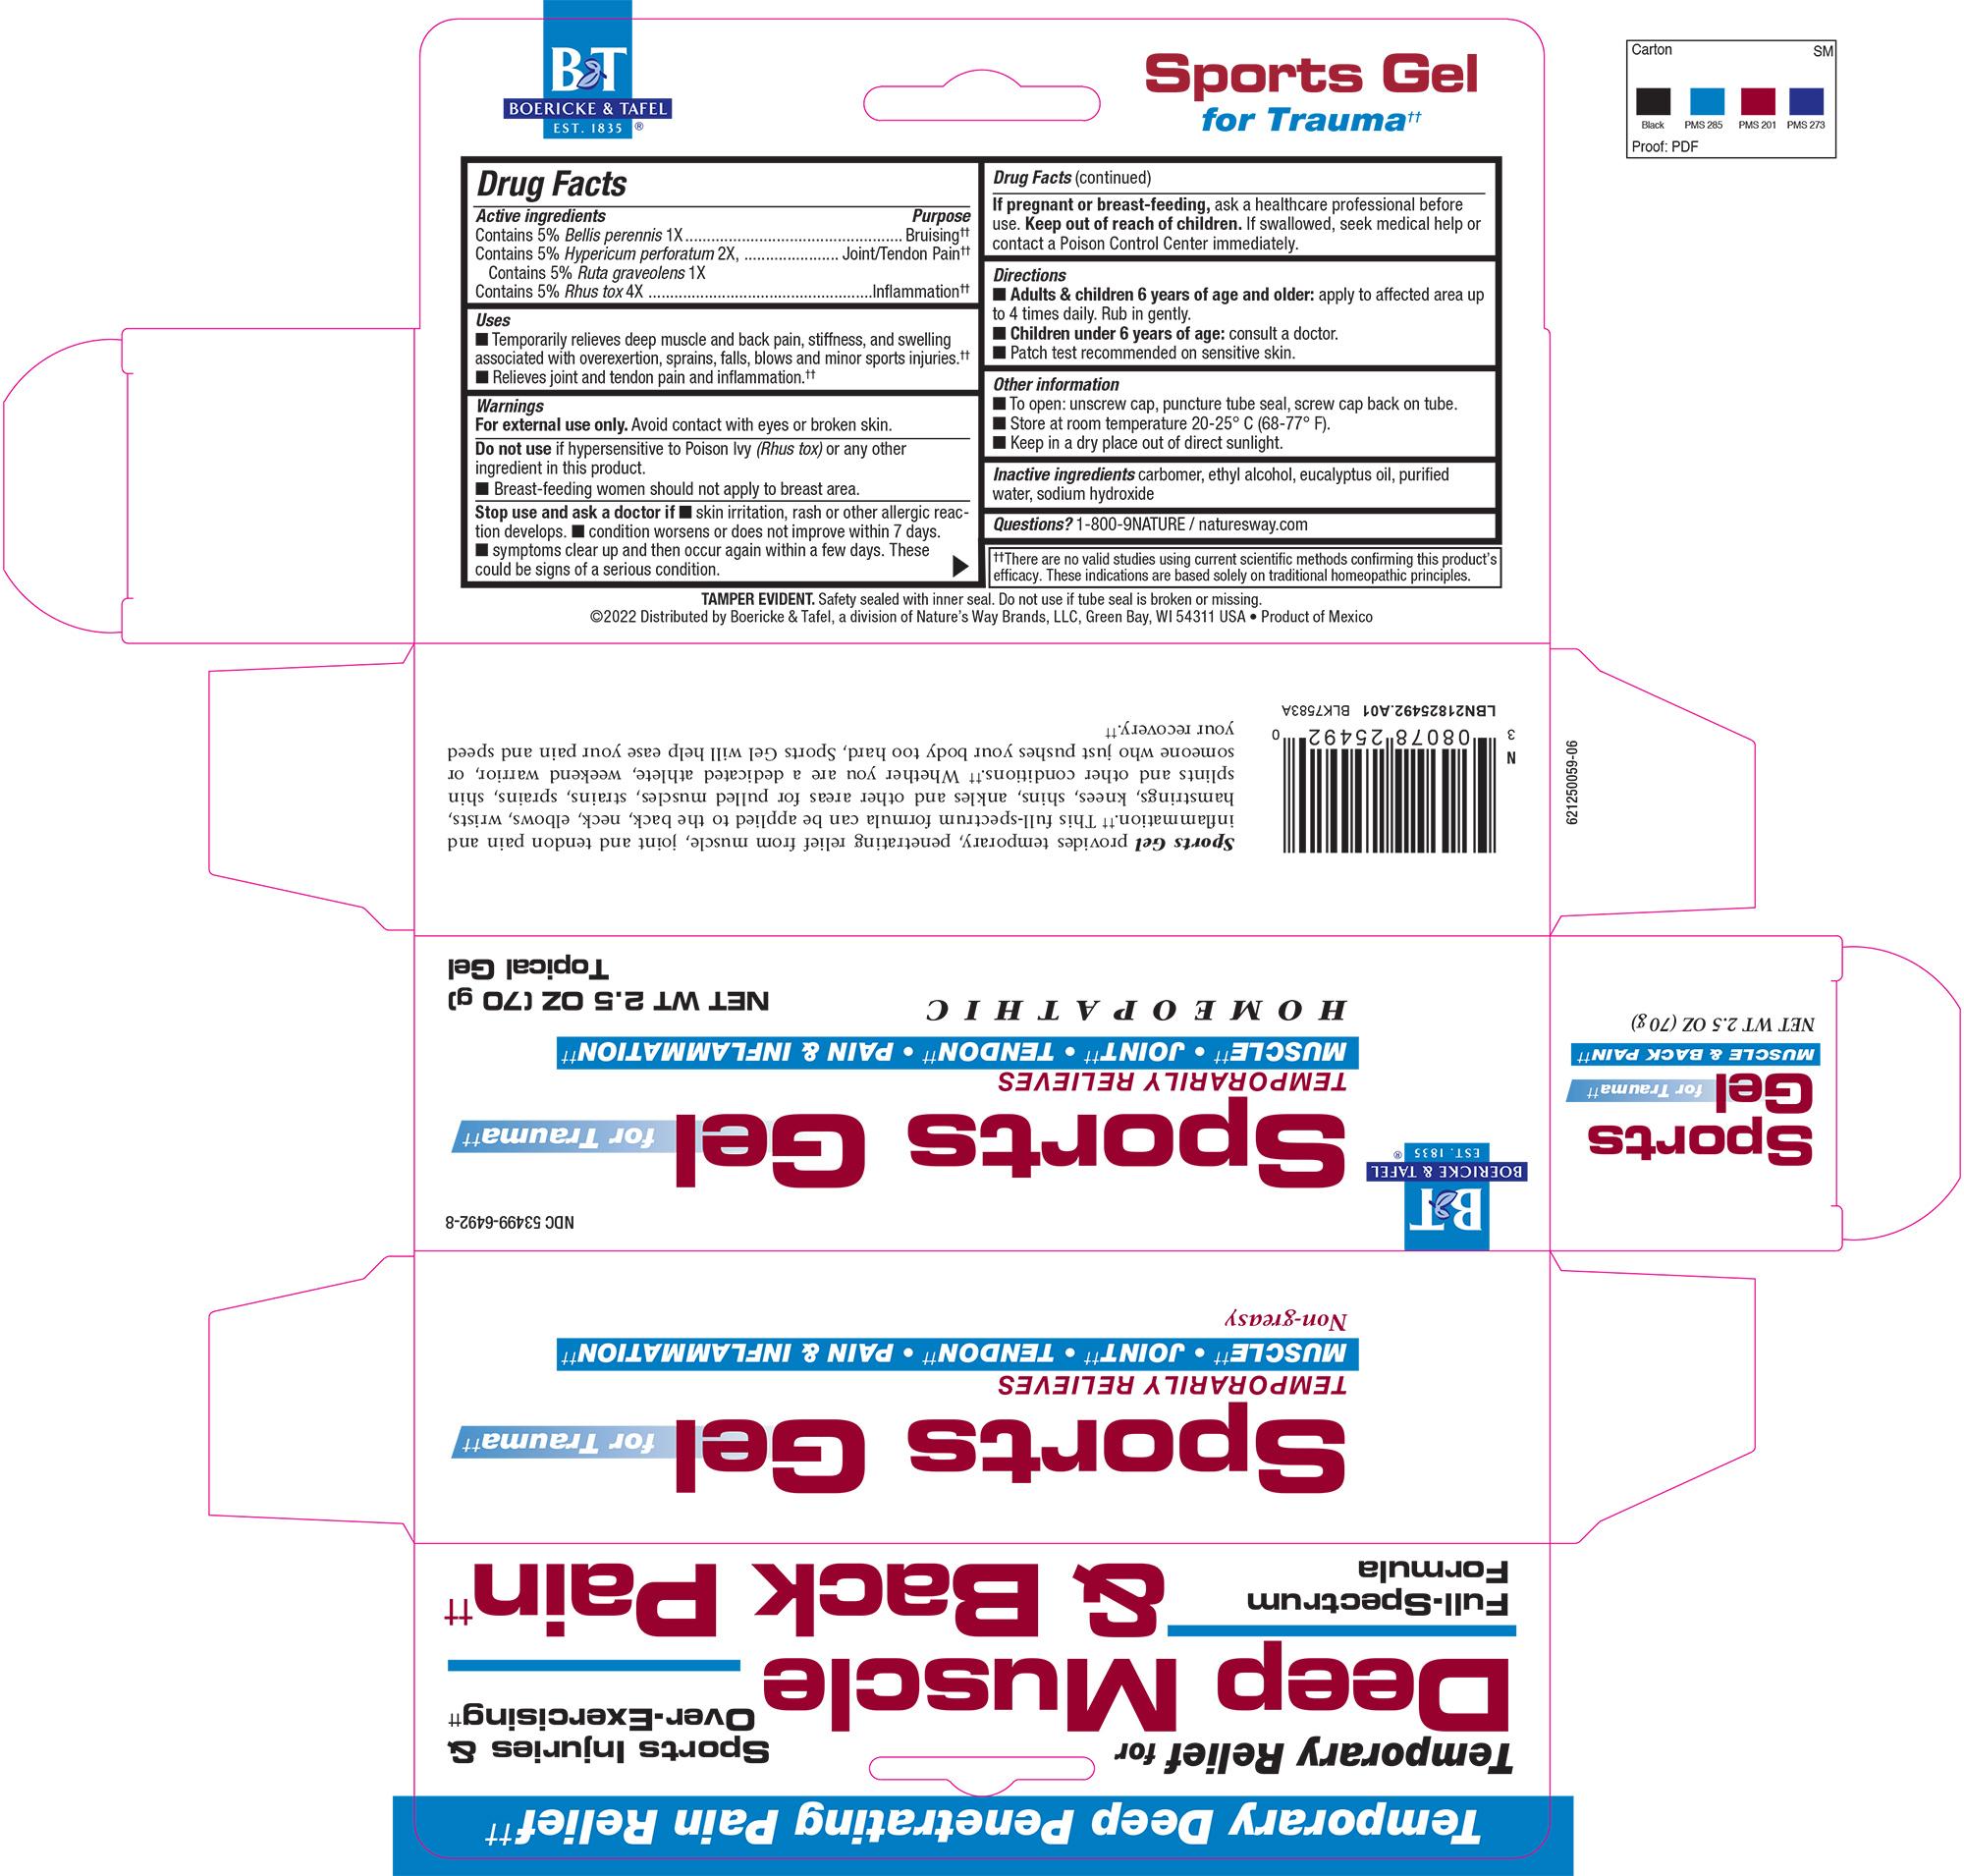 LBN21825492.A01 Sports Gel.jpg